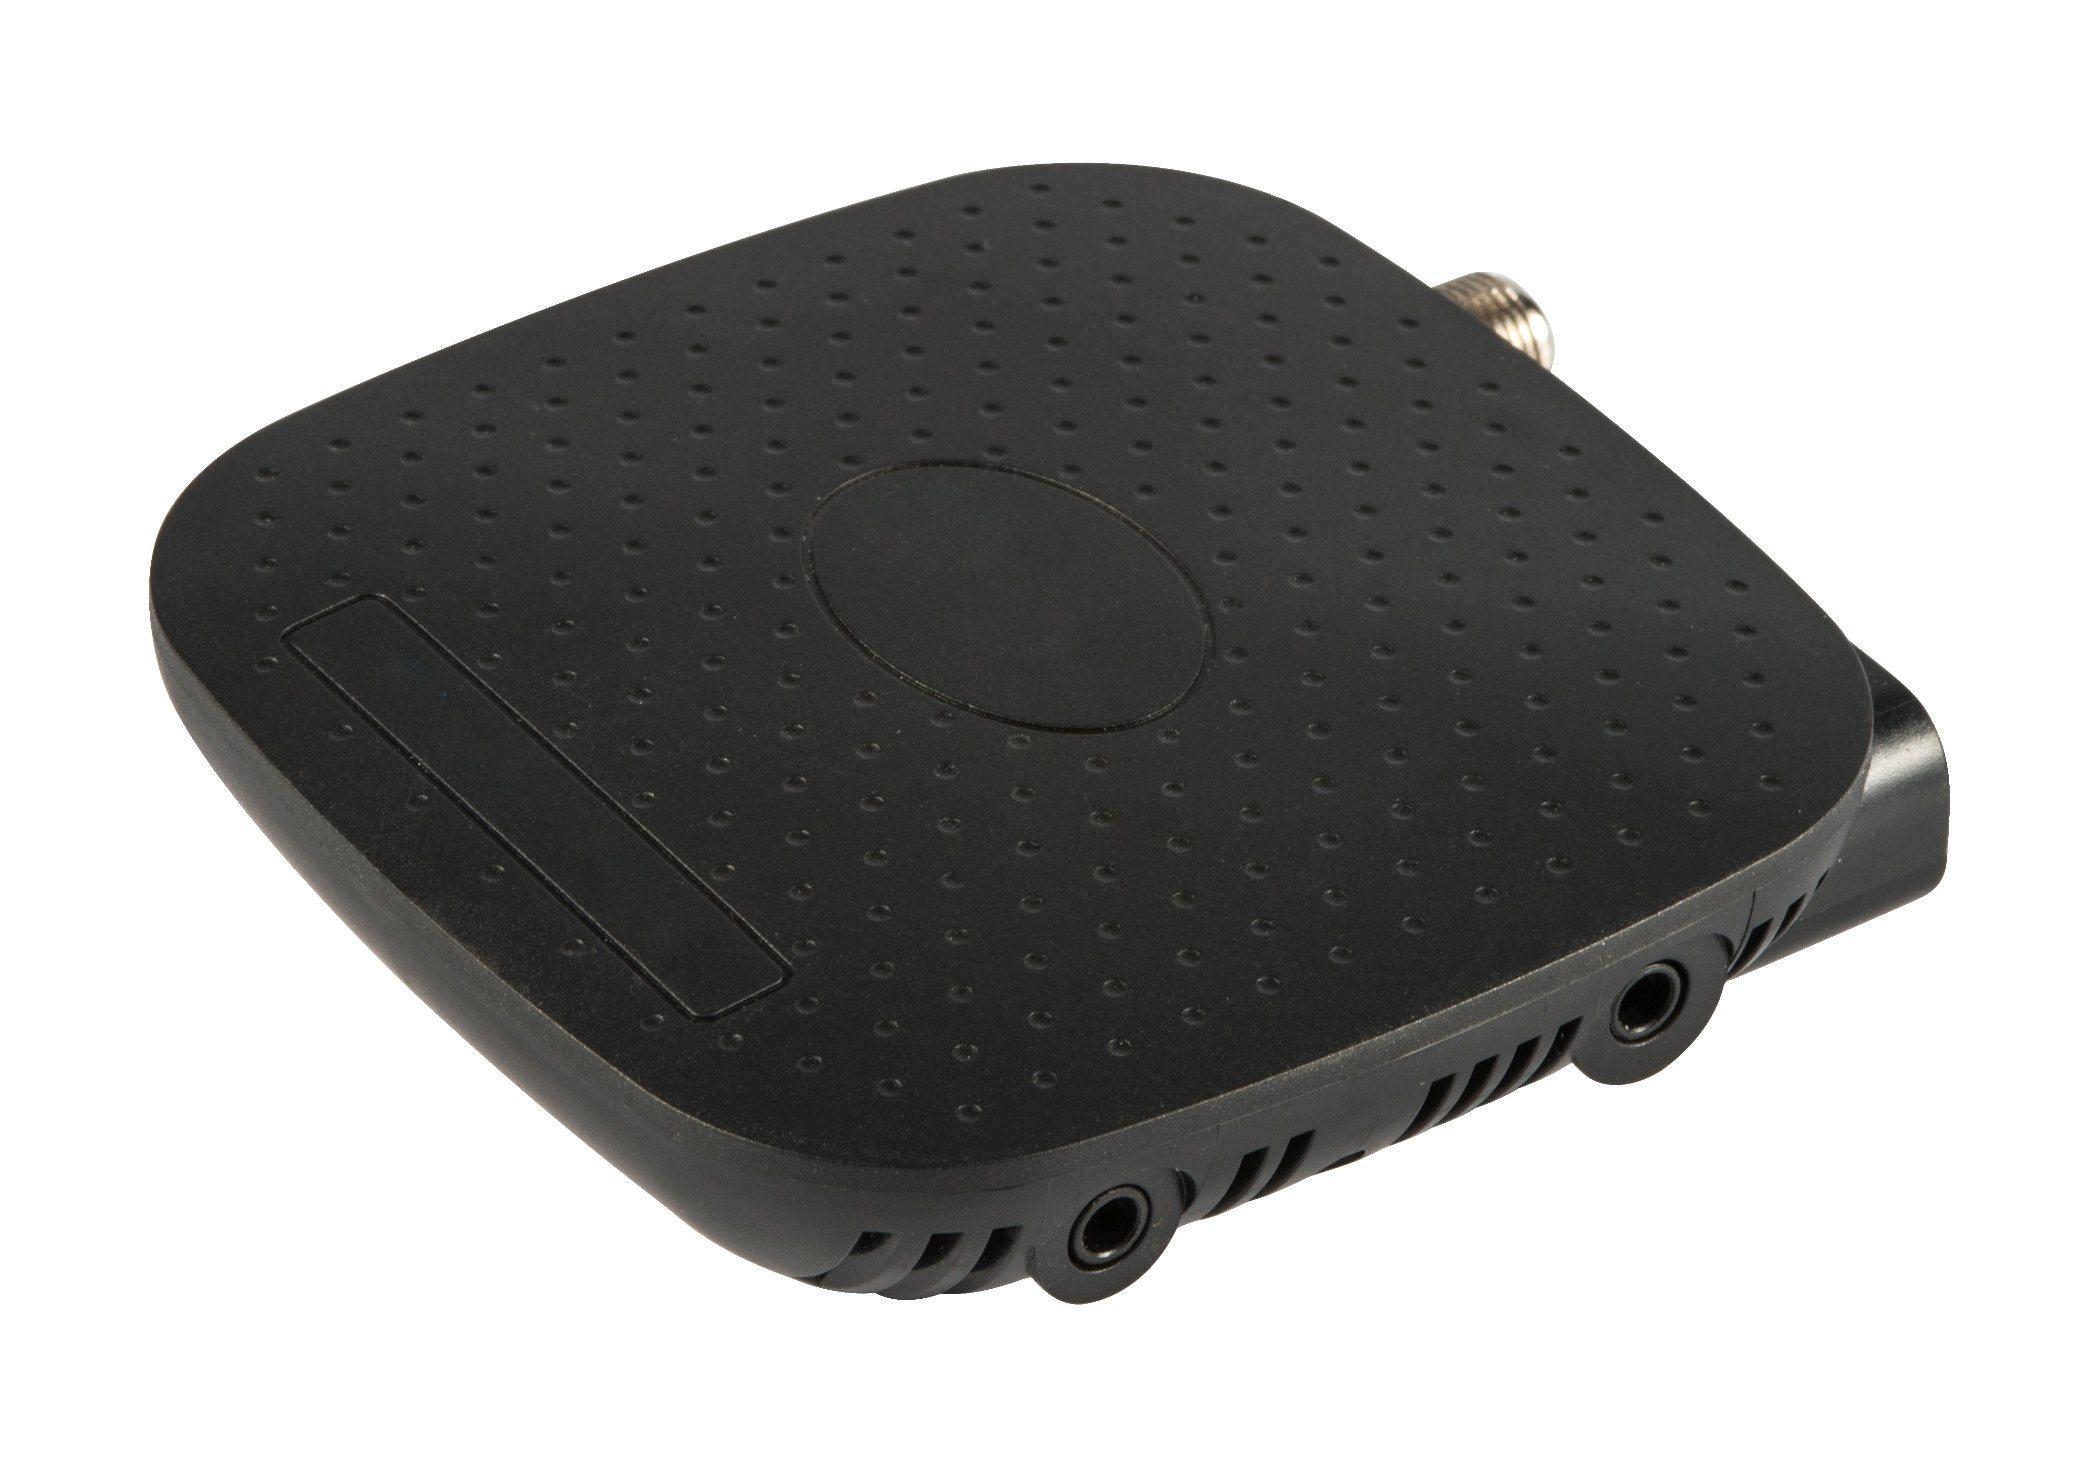 2017 FTA Mini HD DVB-S2 TV Box